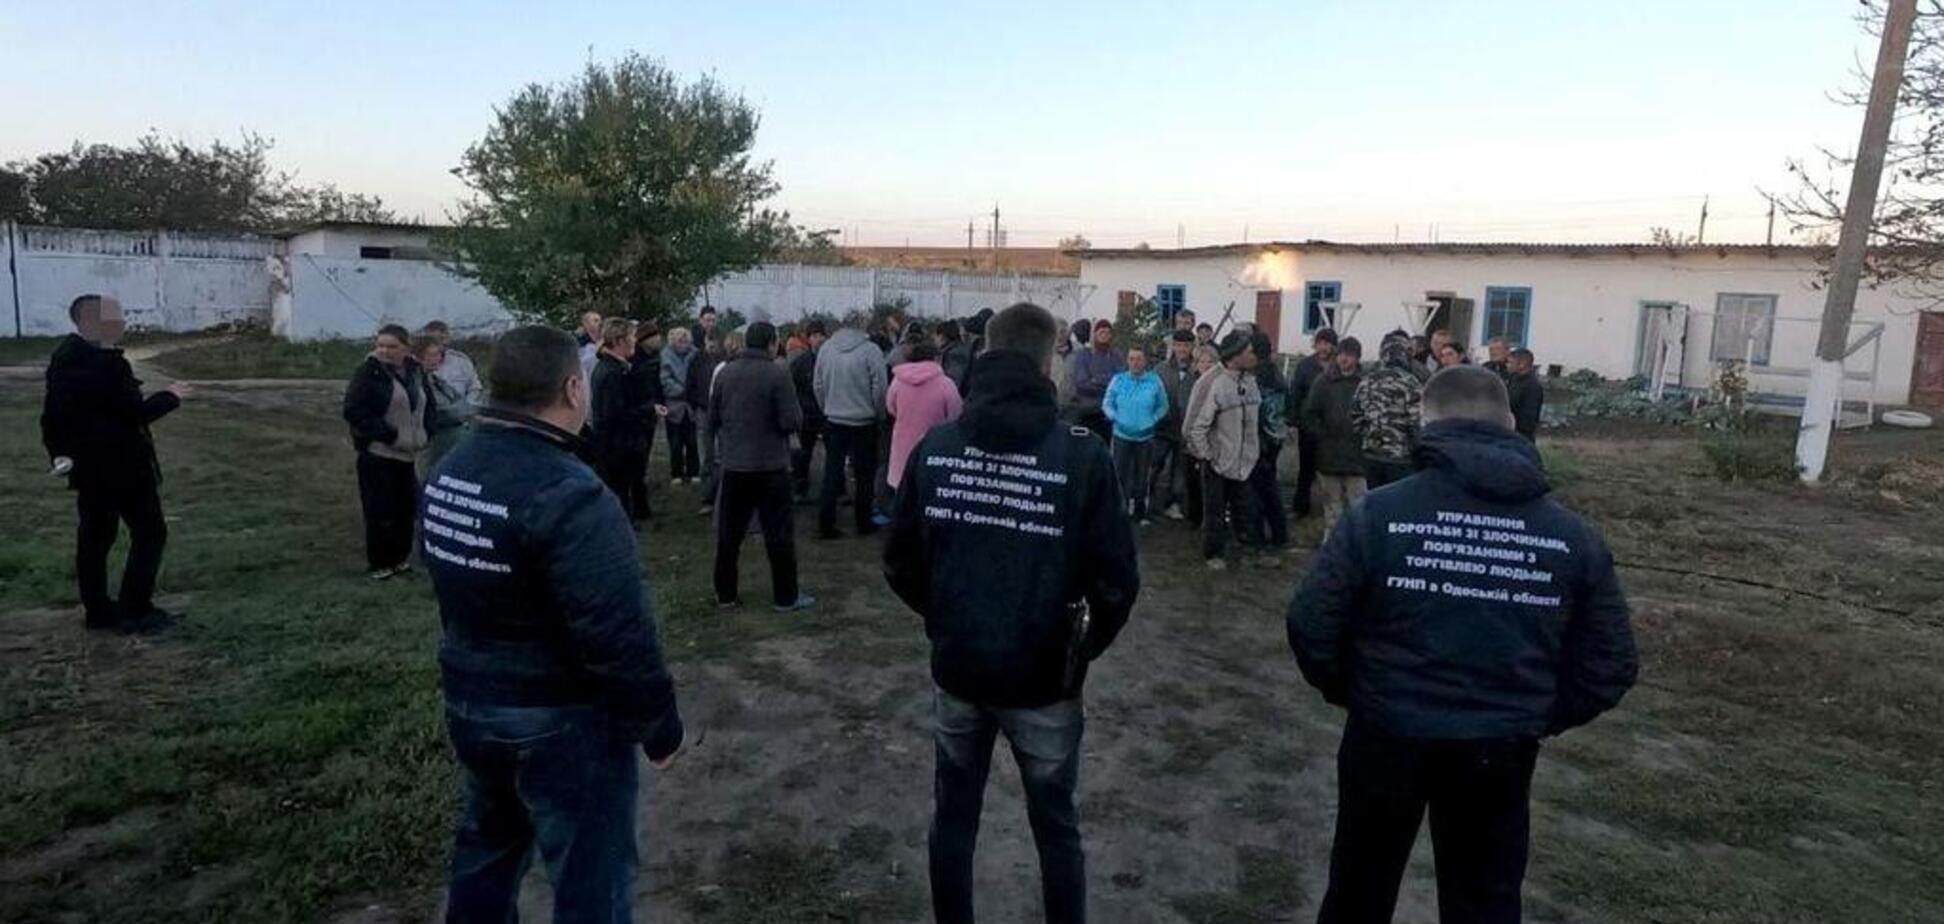 Під Дніпром десятки людей завербували в рабство: відео звільнення